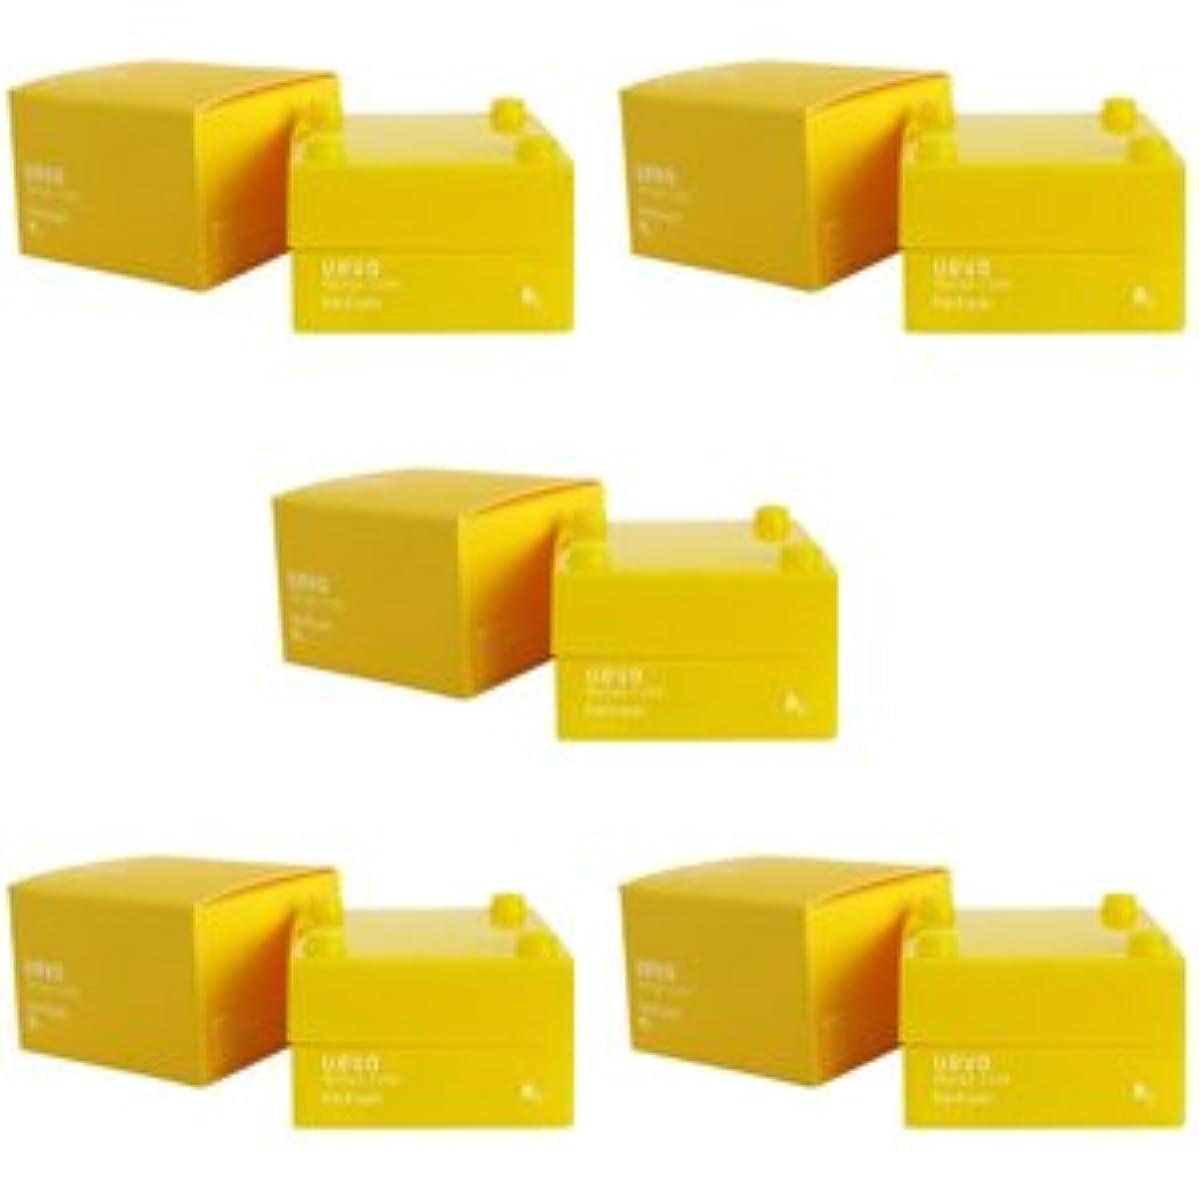 【X5個セット】 デミ ウェーボ デザインキューブ ハードワックス 30g hard wax DEMI uevo design cube